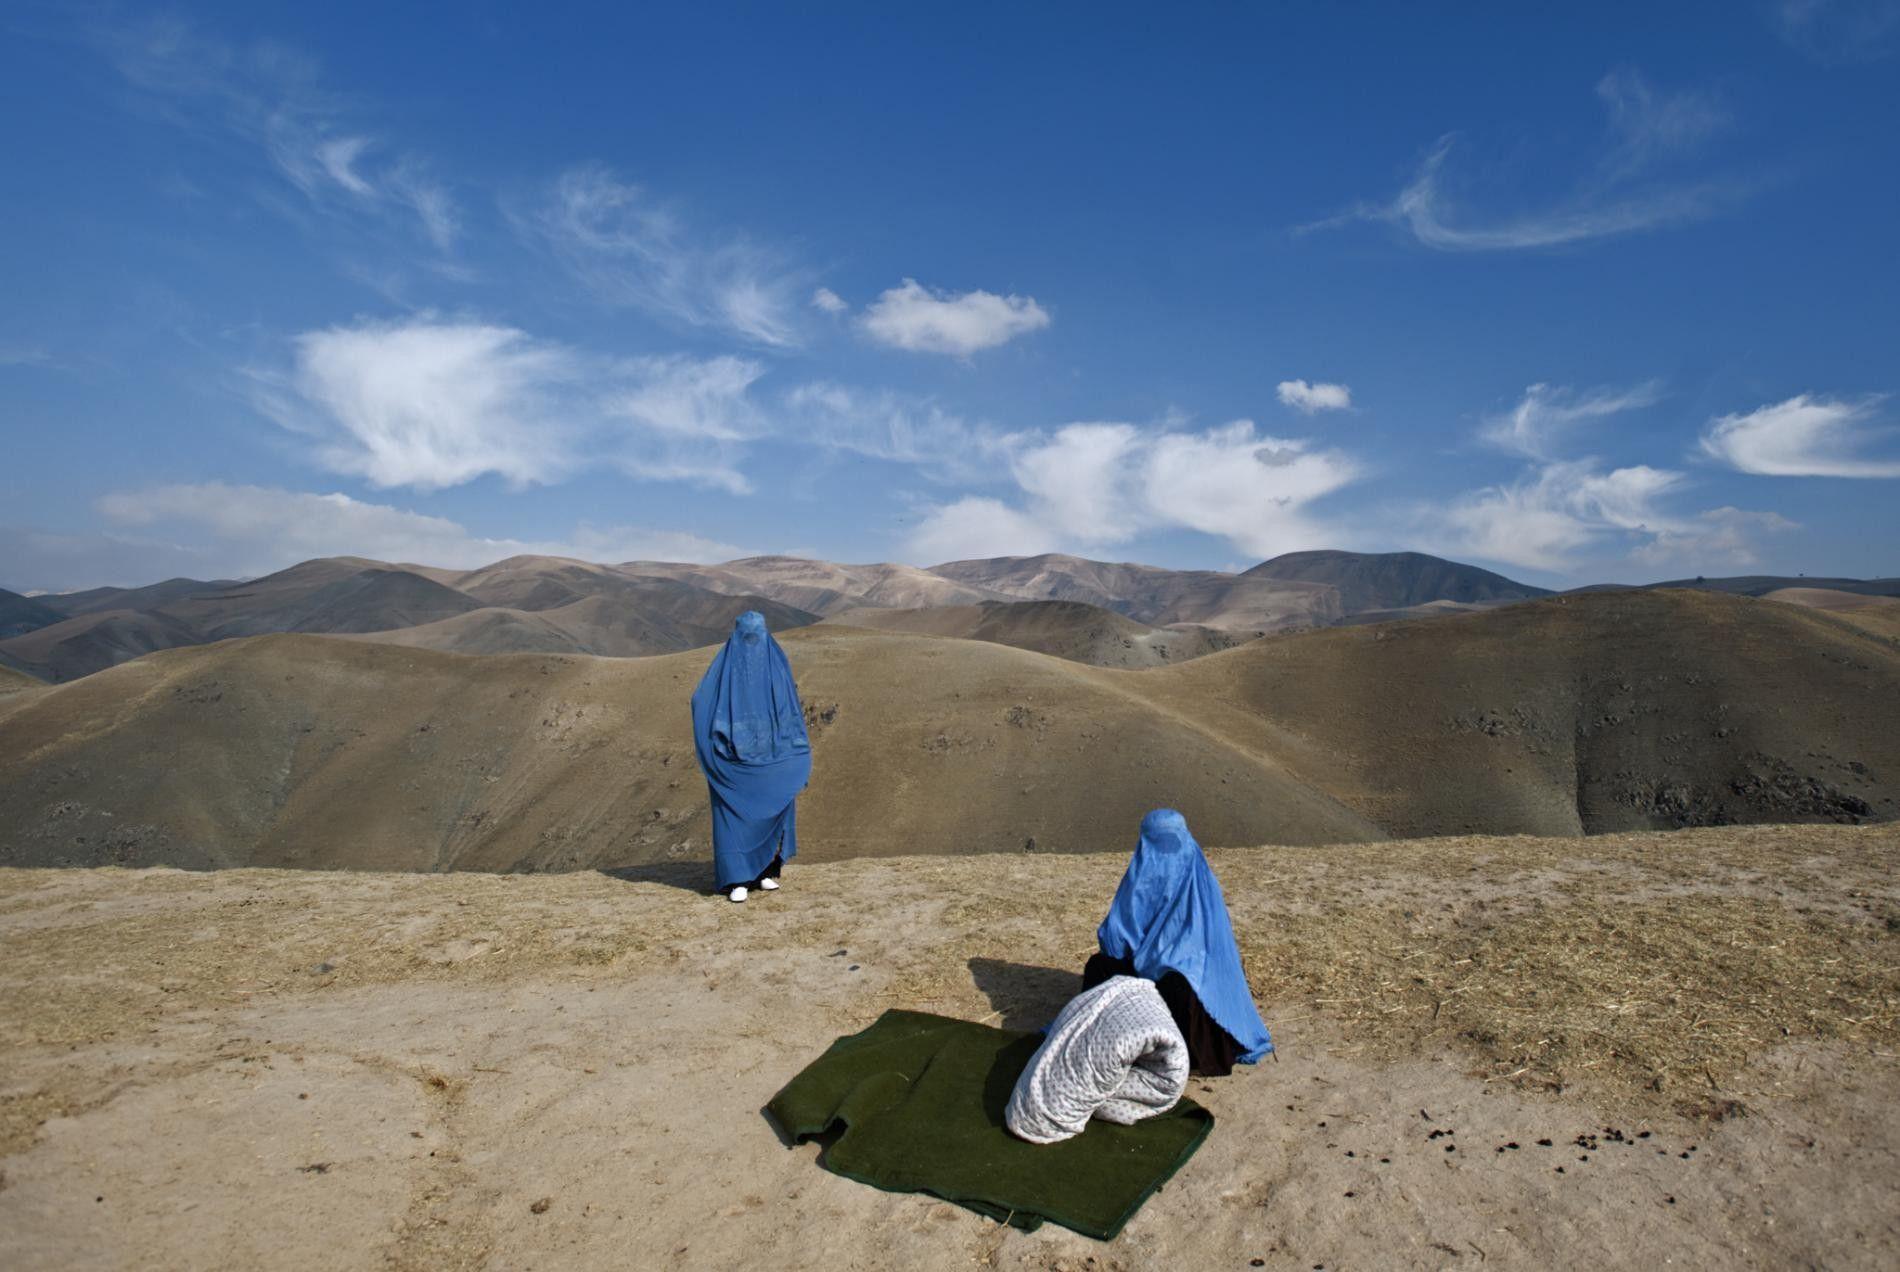 PROVÍNCIA DE BADAKHSHAN, AFEGANISTÃO – Entre os diversos assuntos que há muito tempo compelem a fotógrafa ...